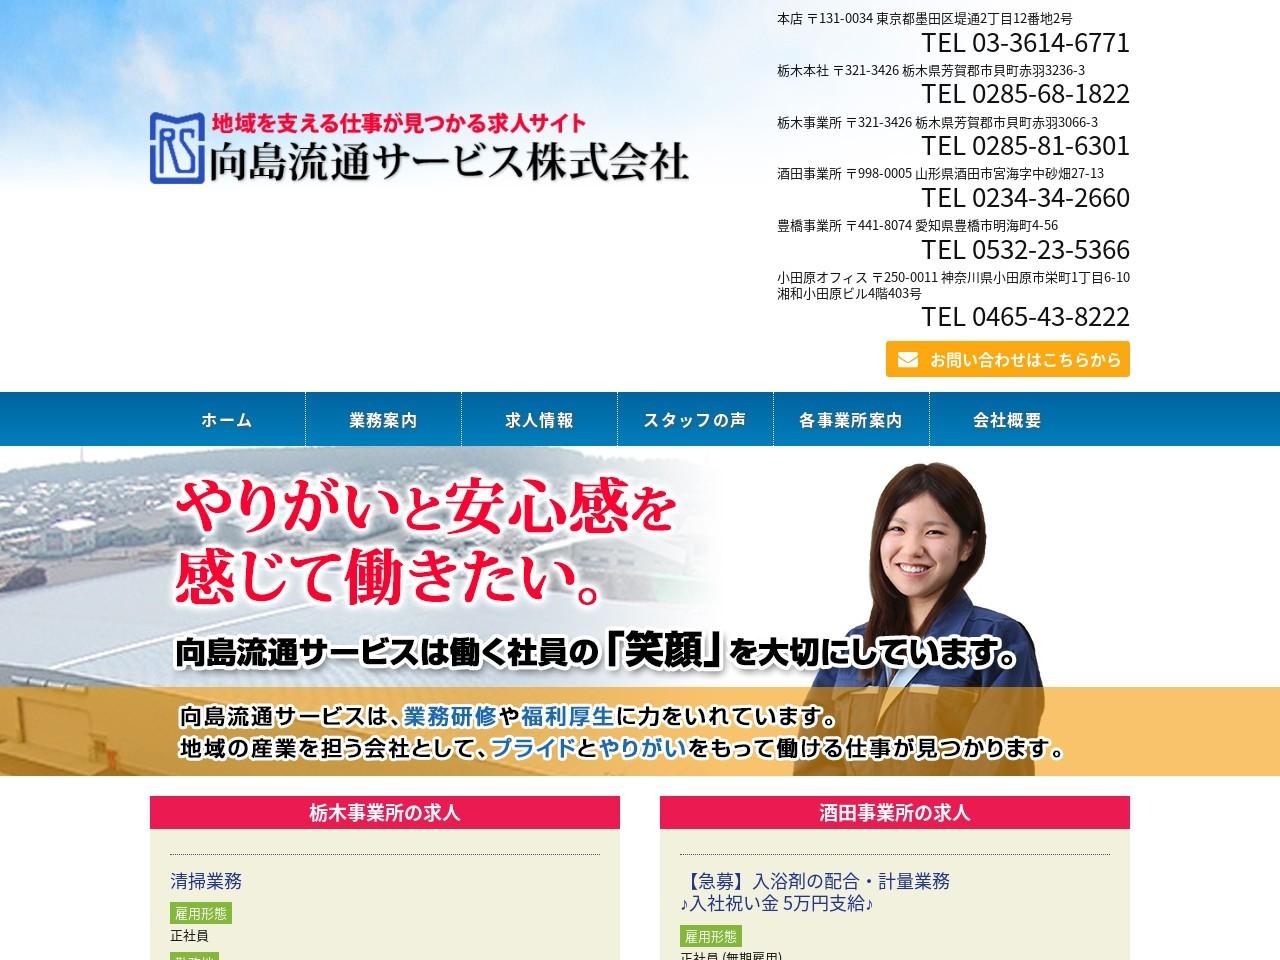 向島流通サービス株式会社小田原オフィス